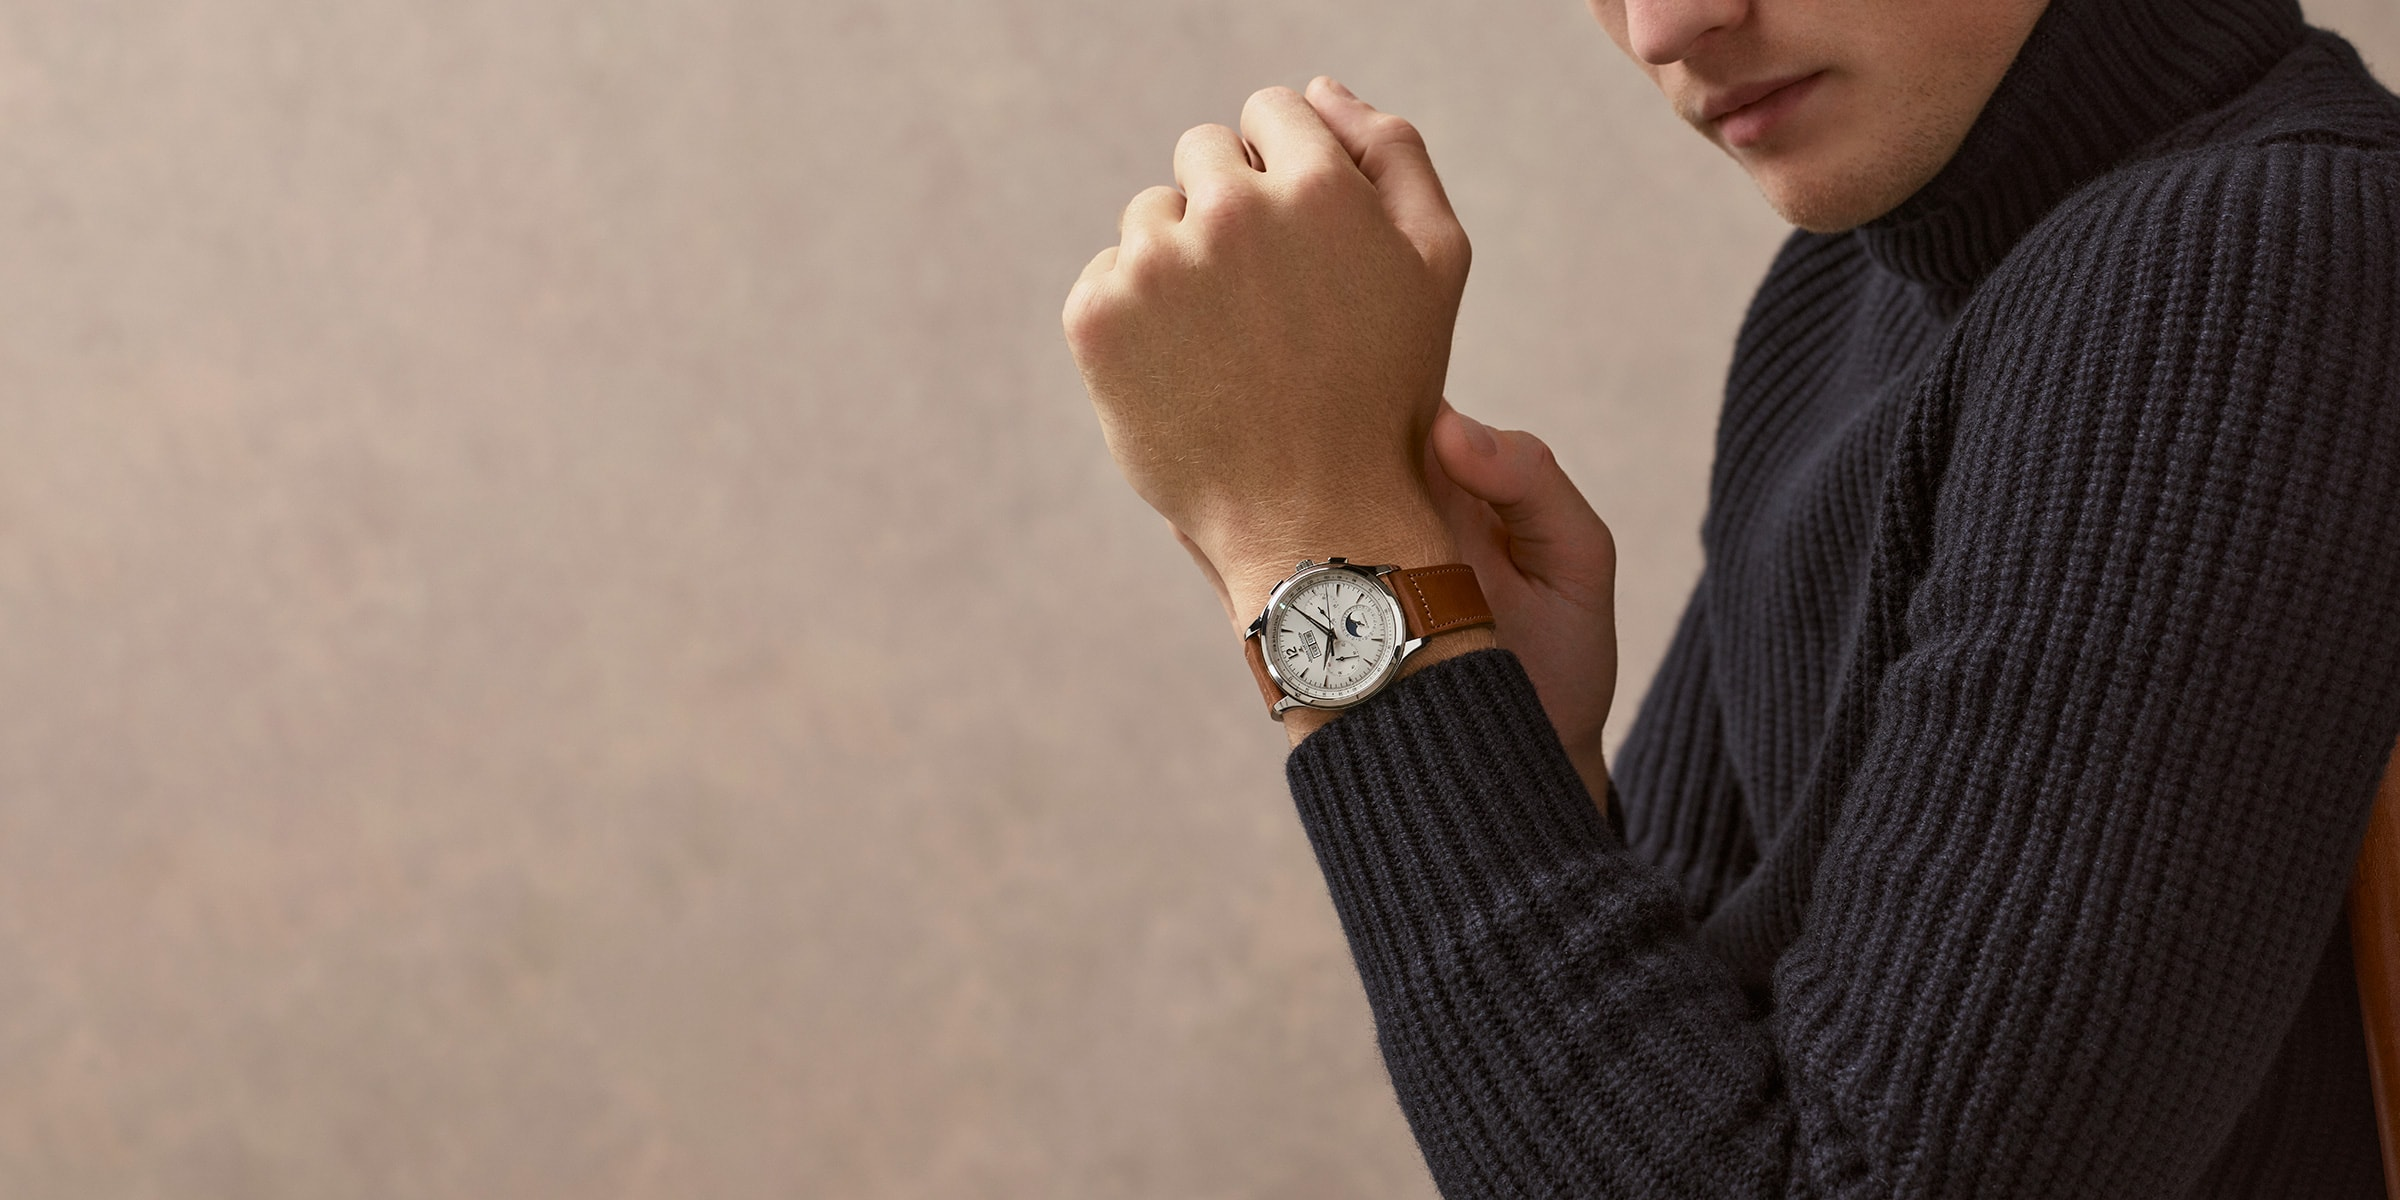 best luxury watch brands - Luxe Digital